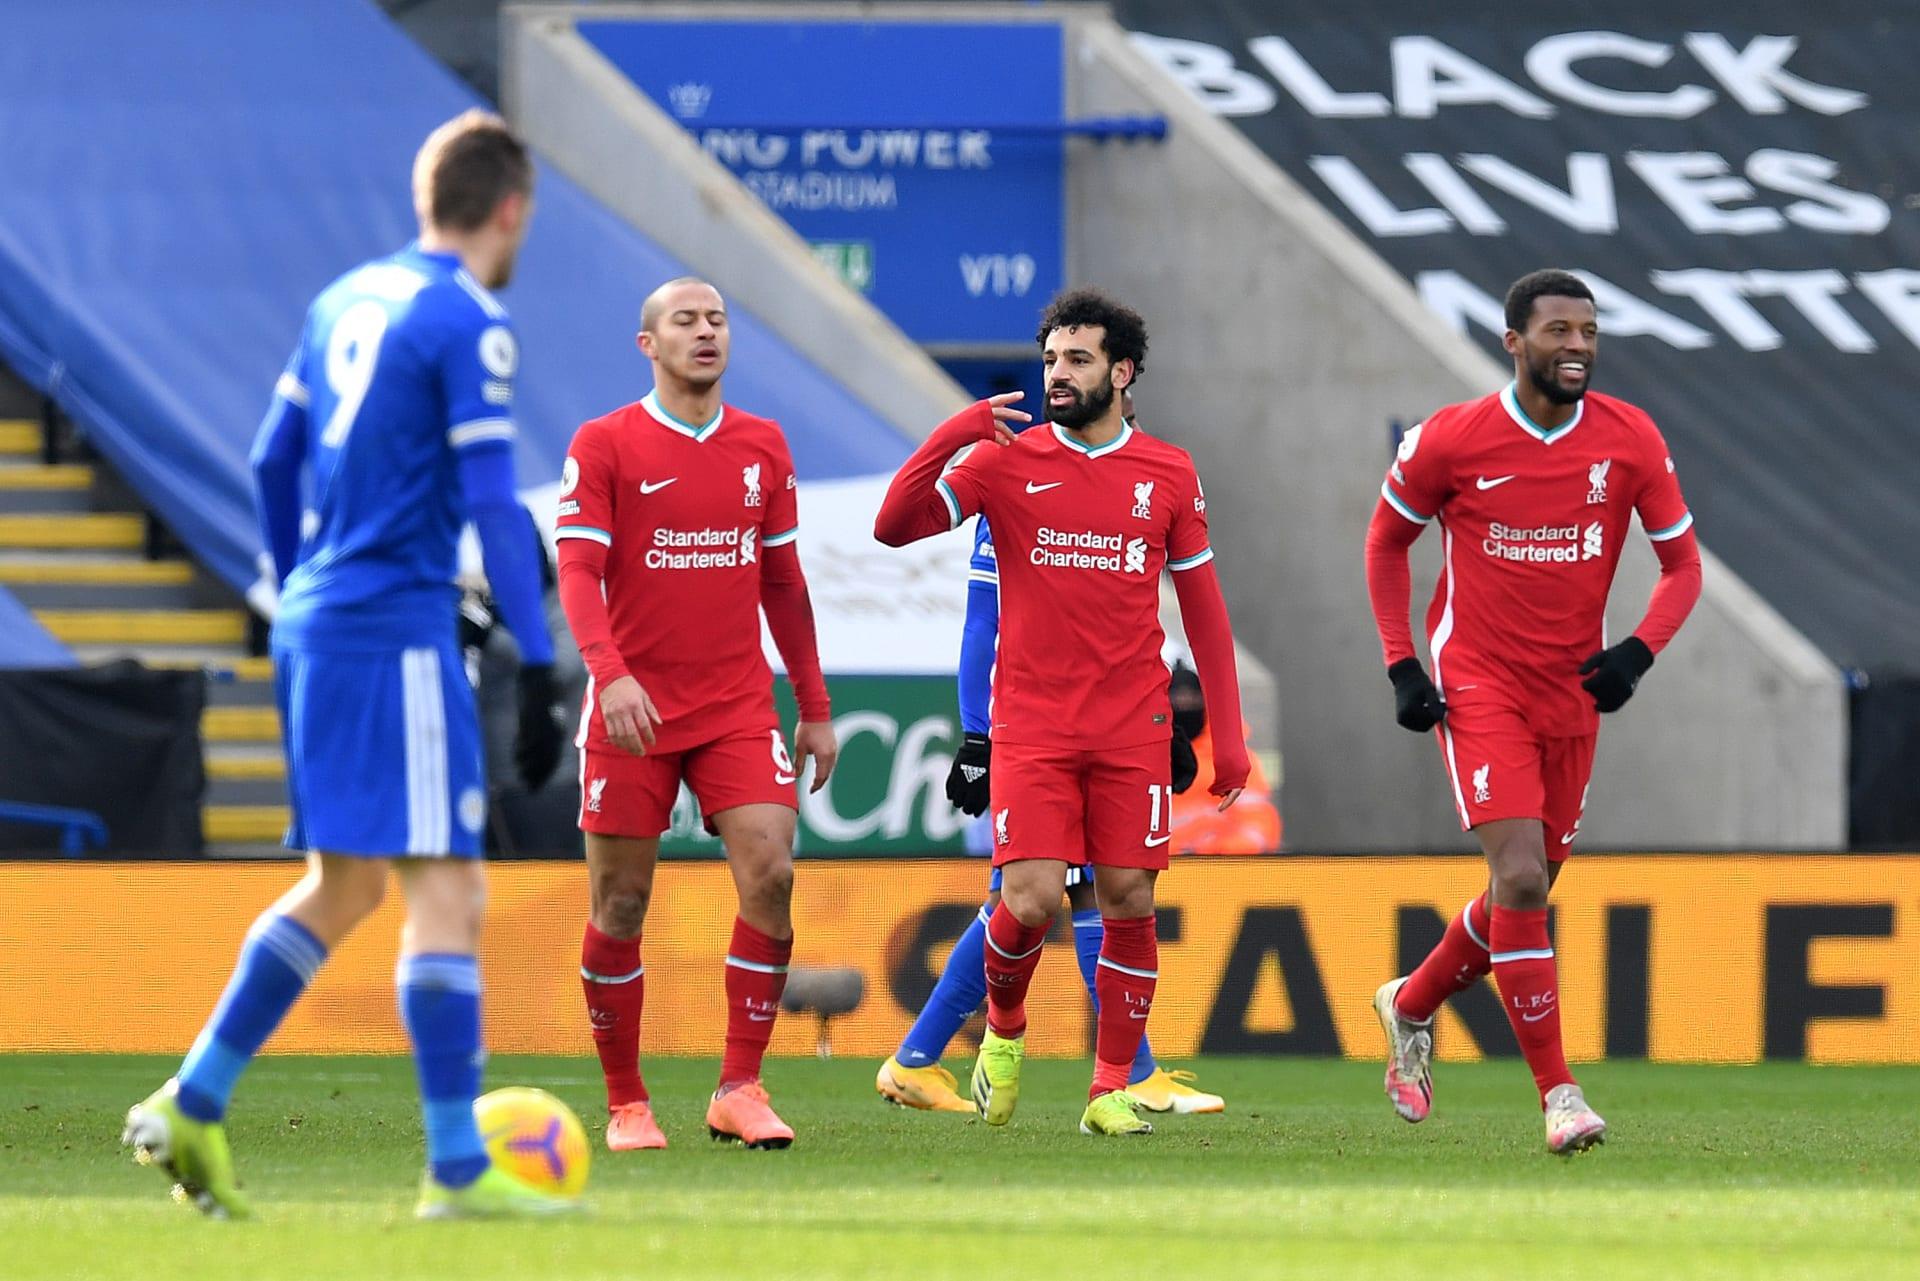 الدوري الإنجليزي: دفاع ليفربول عن اللقب يتبخر.. وليستر سيتي يهديه 3 أهداف في 8 دقائق